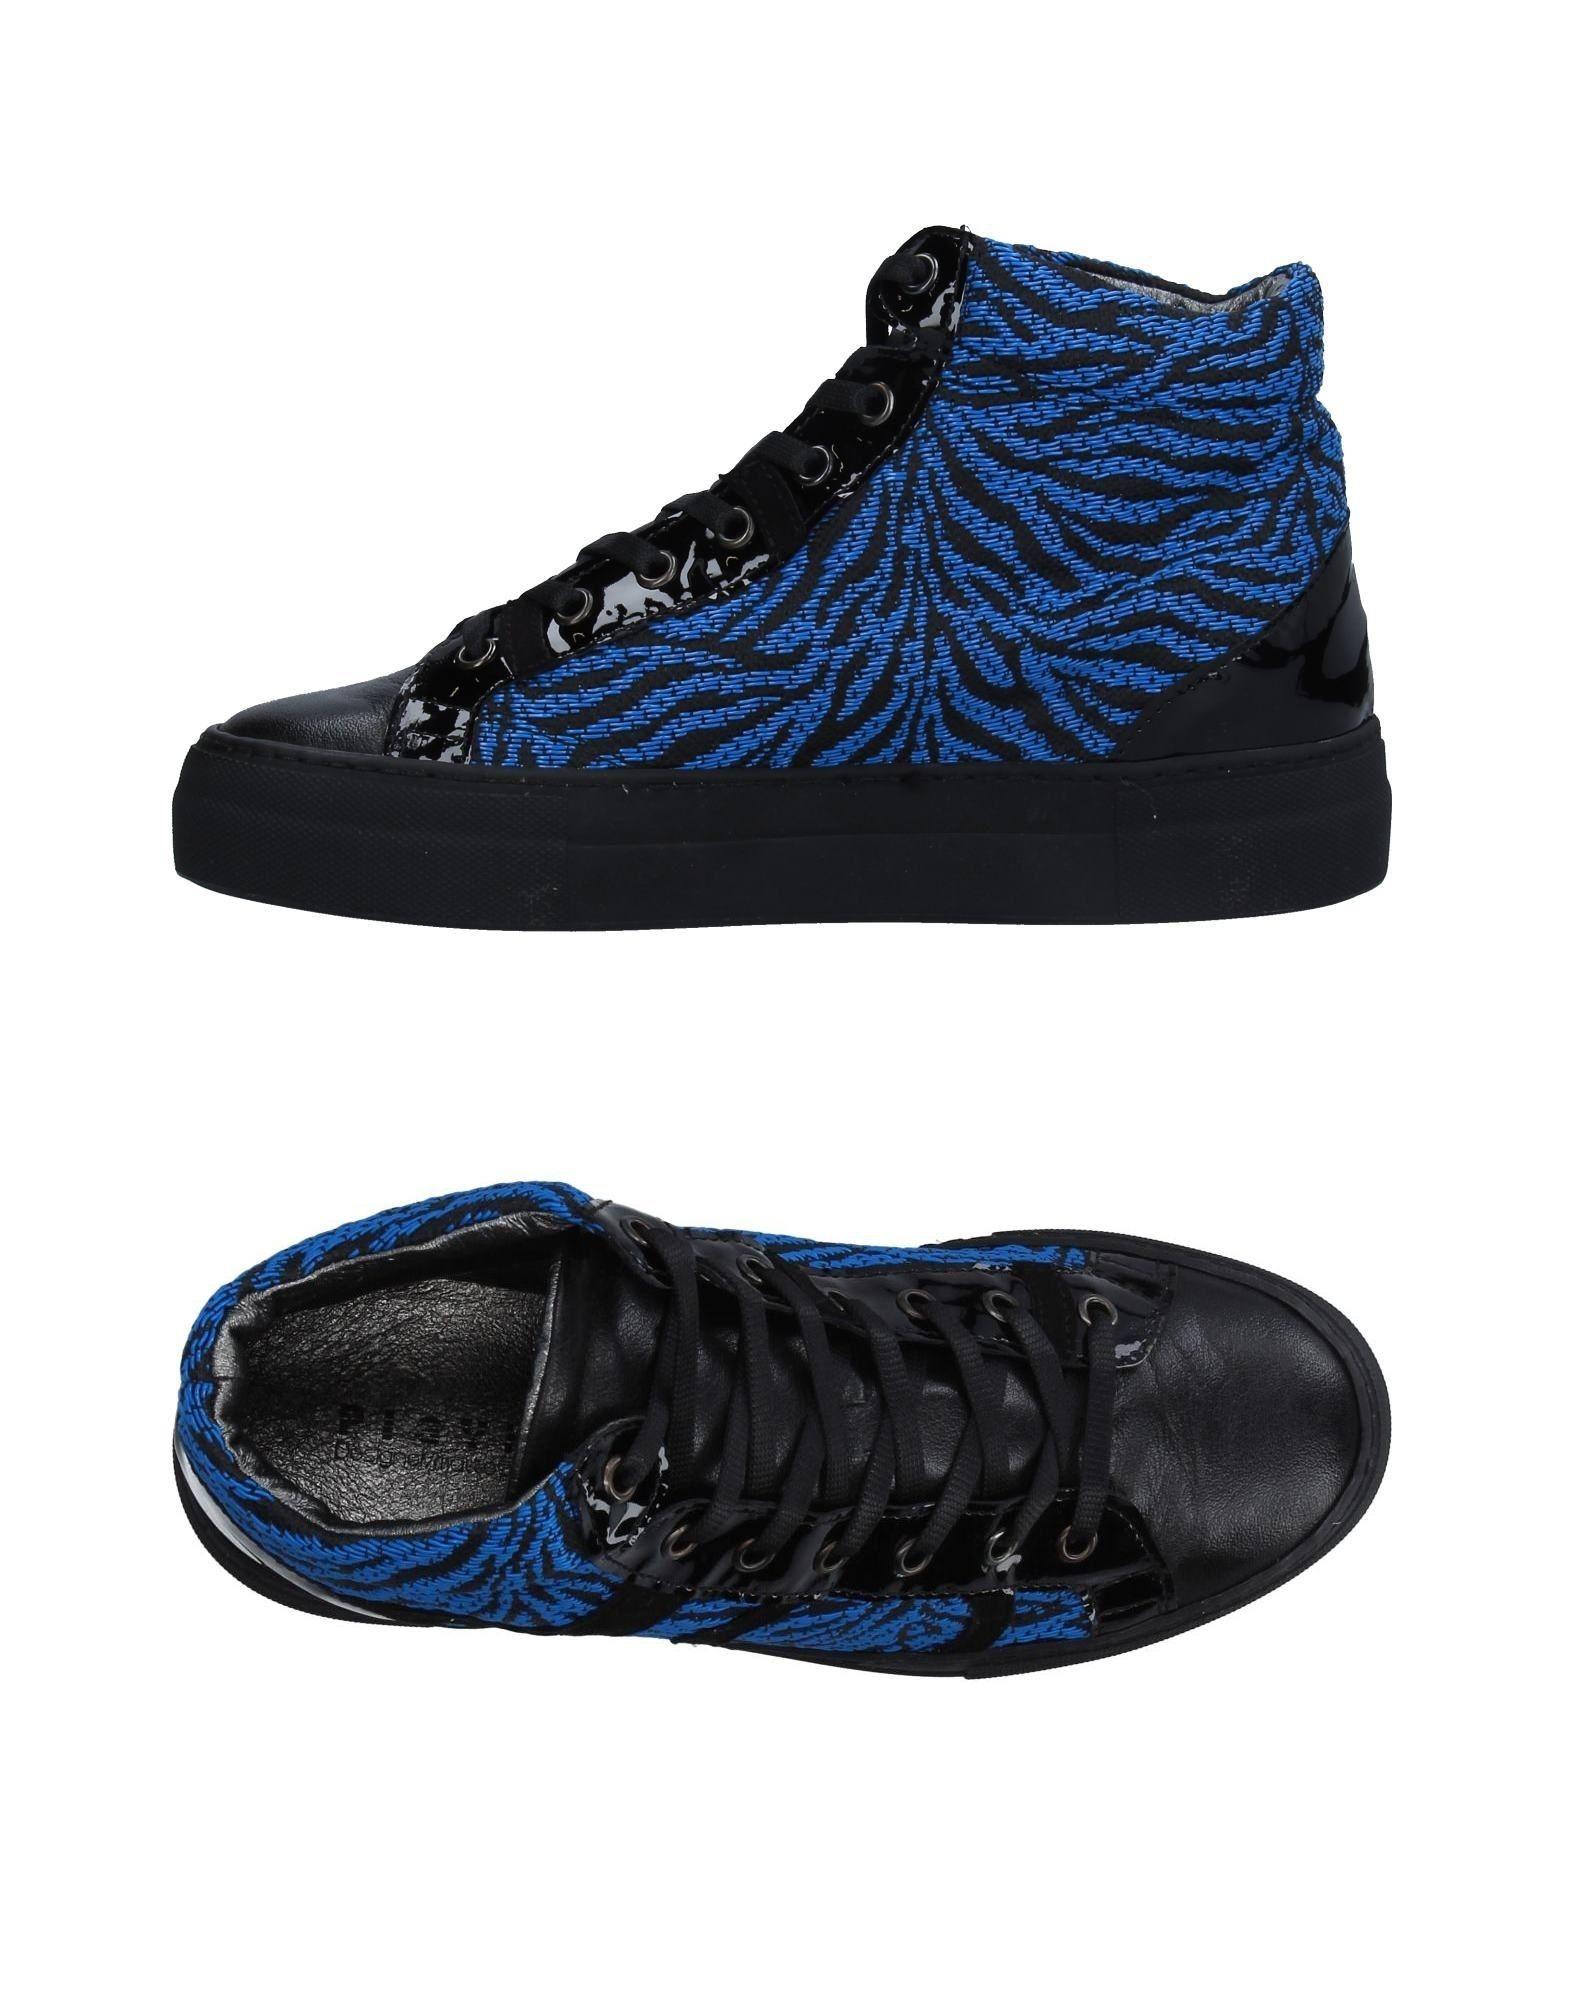 PLAYHAT Высокие кеды и кроссовки кеды кроссовки высокие dc council mid tx stone camo